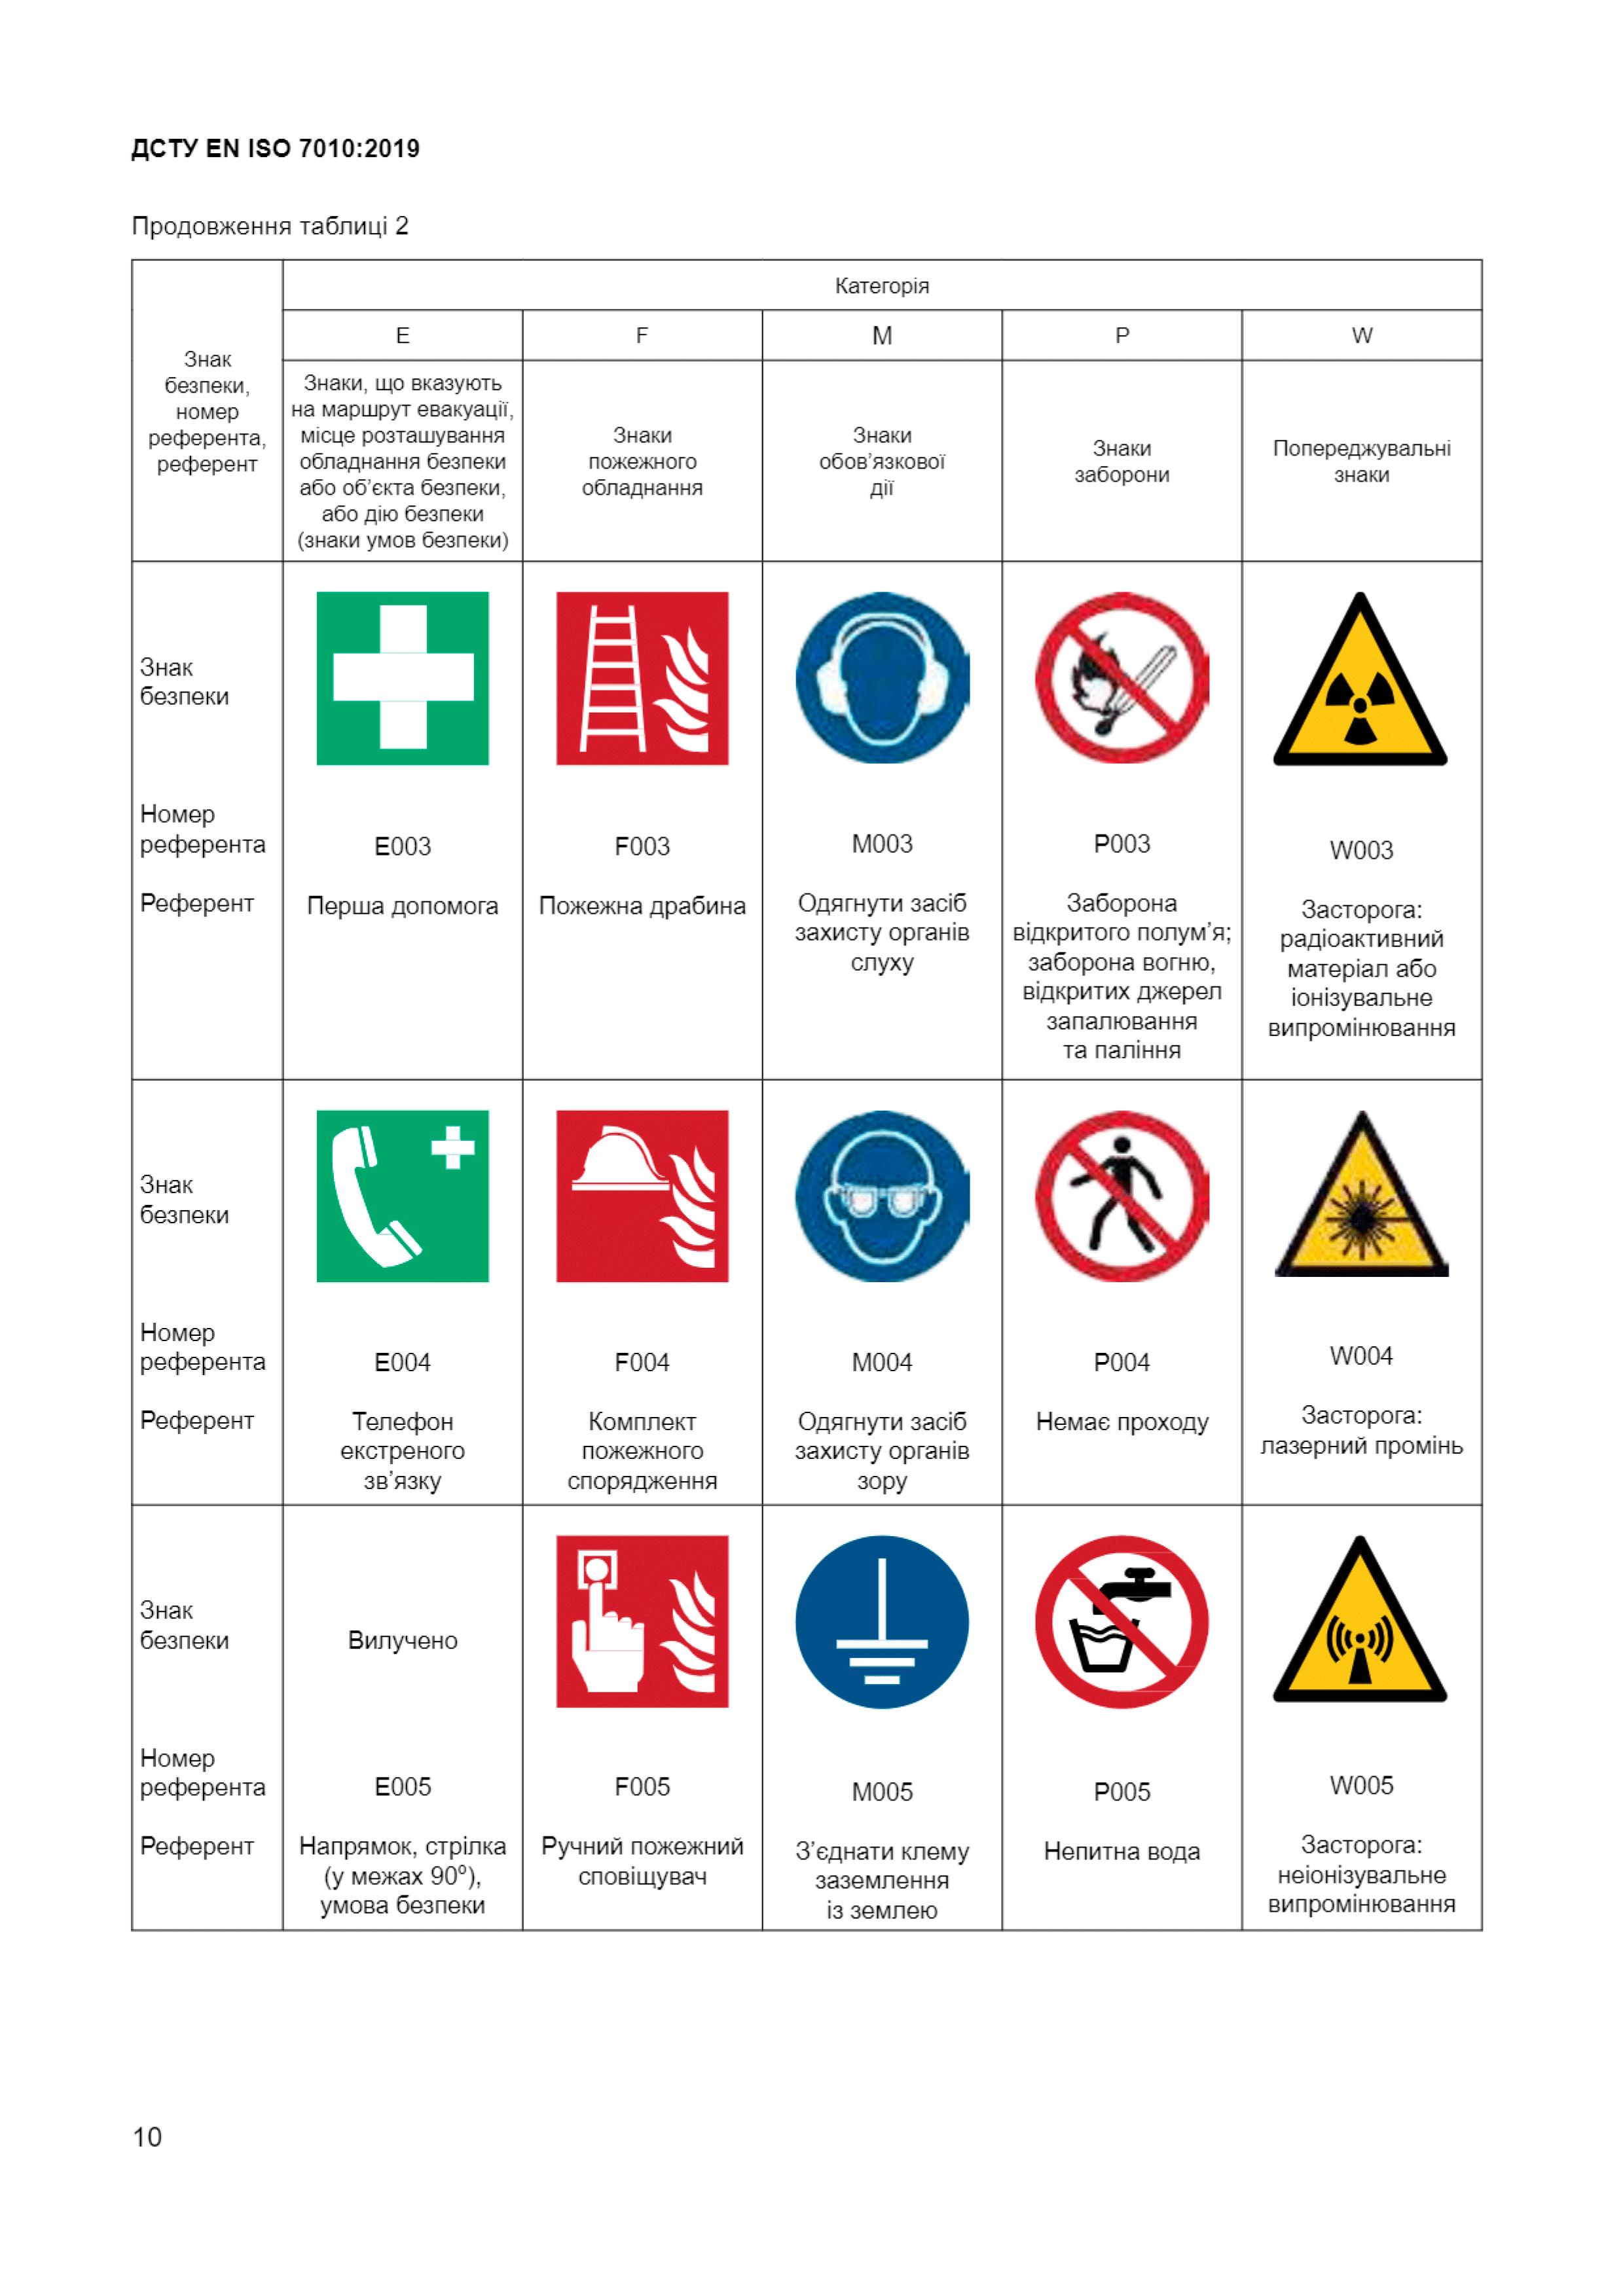 Звід-усіх-знакків-безпеки-2-ДСТУ-ЕN-ІSО-7010-2019-Техноспектр-Сервіс